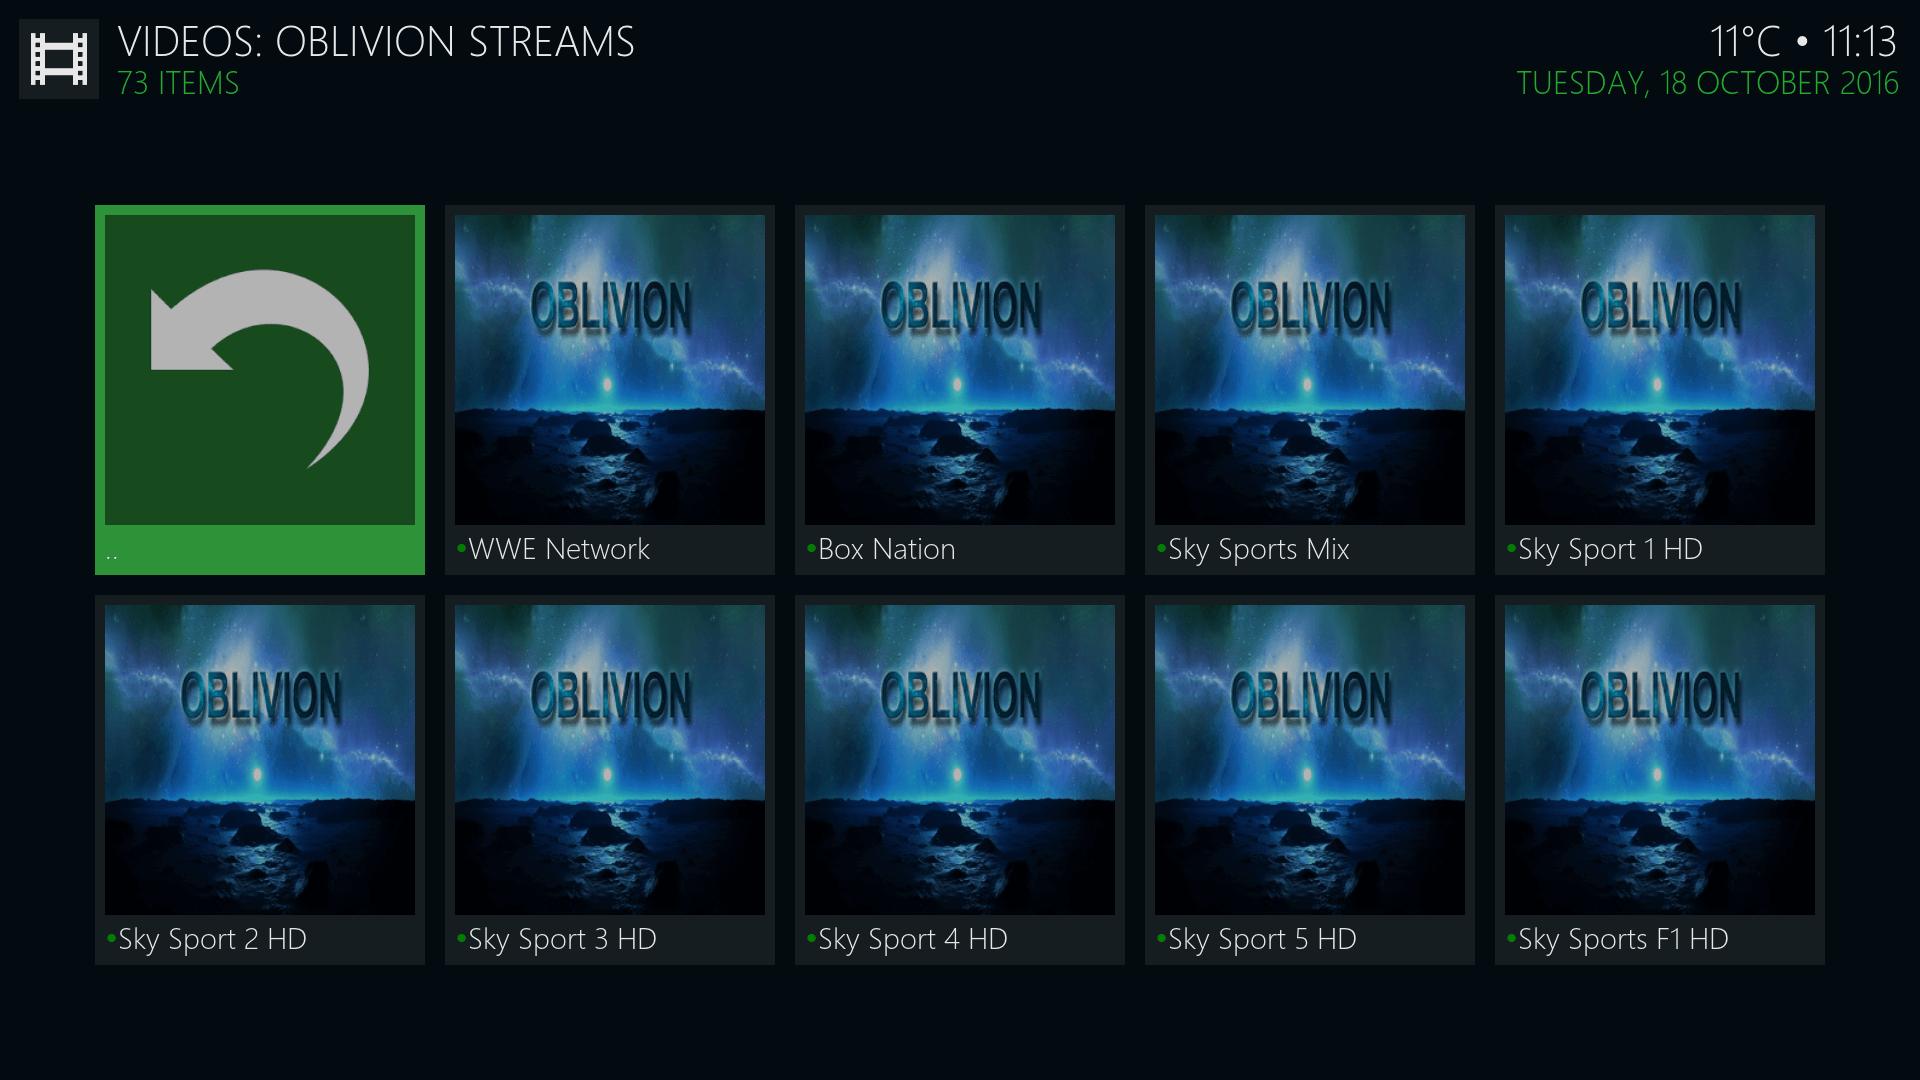 Guide Install Oblivion Streams Kodi Addon Repo